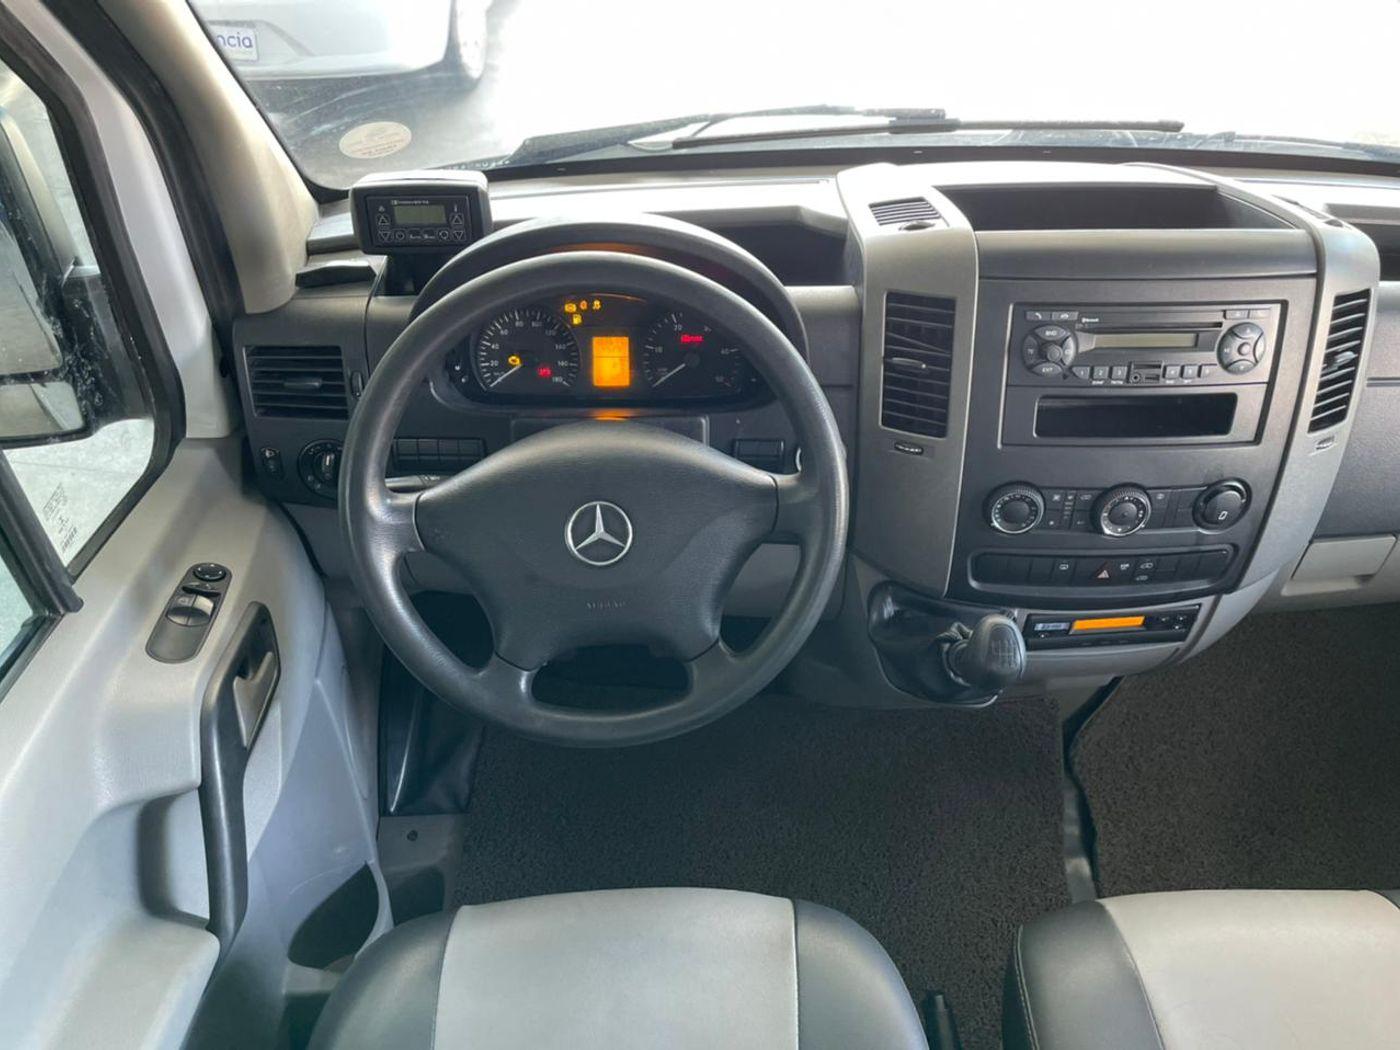 Mercedes Sprinter 415 VAN Luxo T.B. 2.2 Diesel